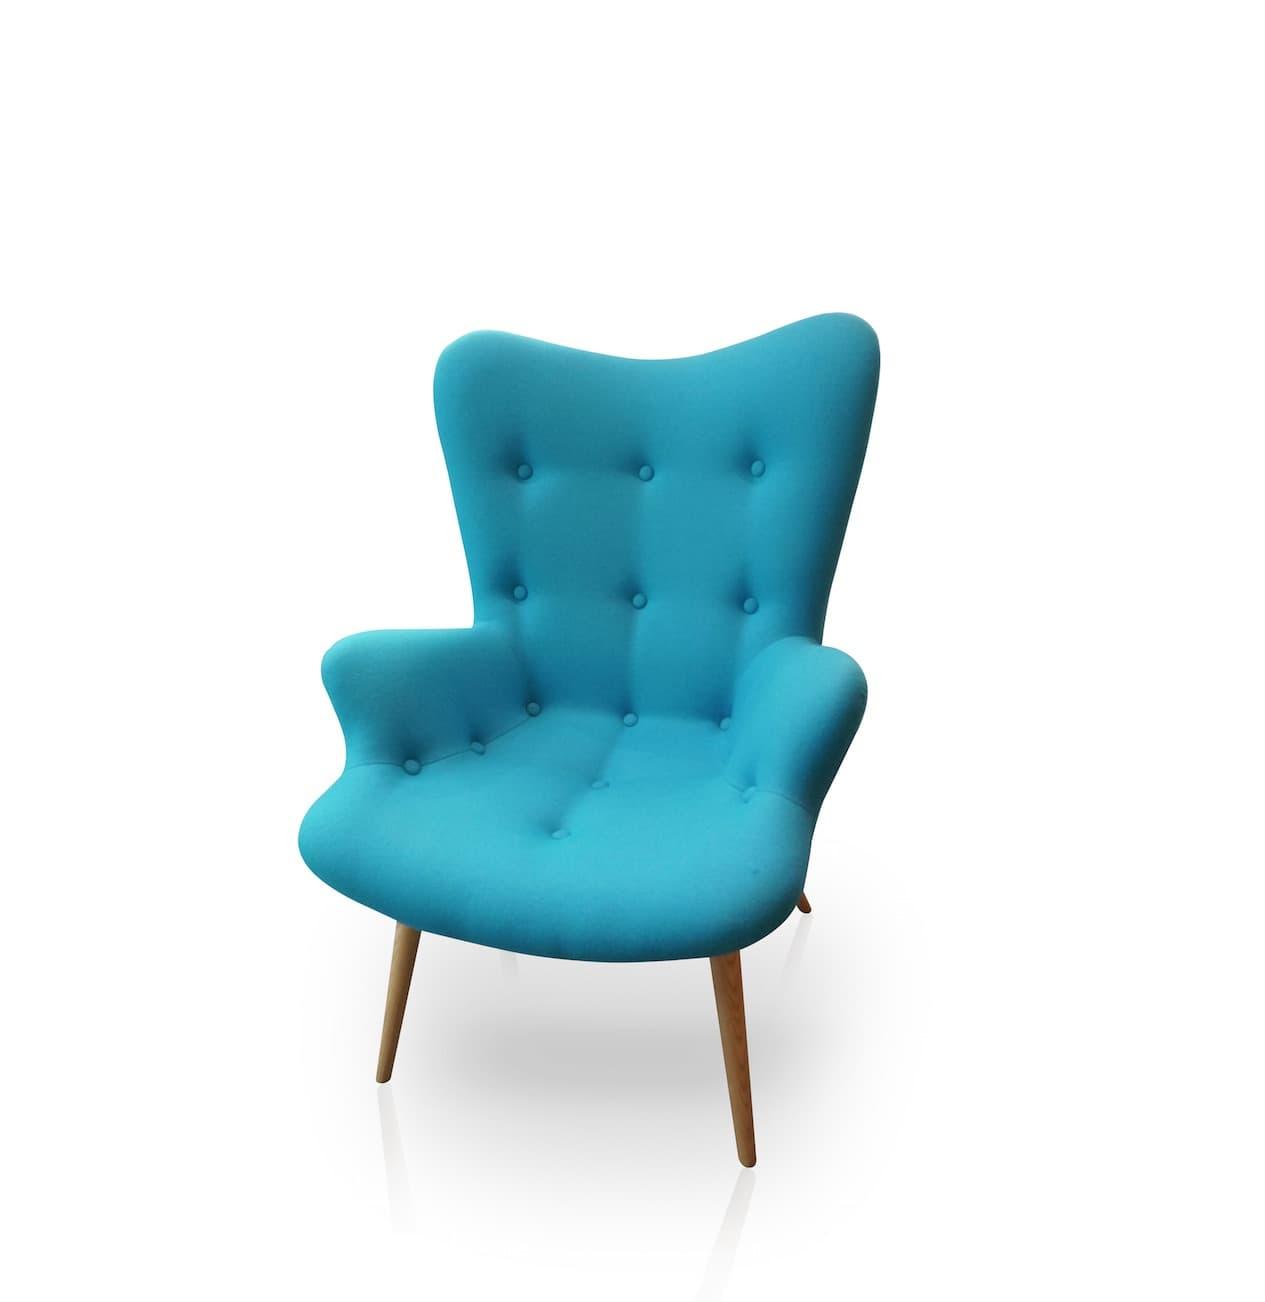 mobilier design meuble blue fauteuil tapiss bleu ciel avec pieds en bois. Black Bedroom Furniture Sets. Home Design Ideas